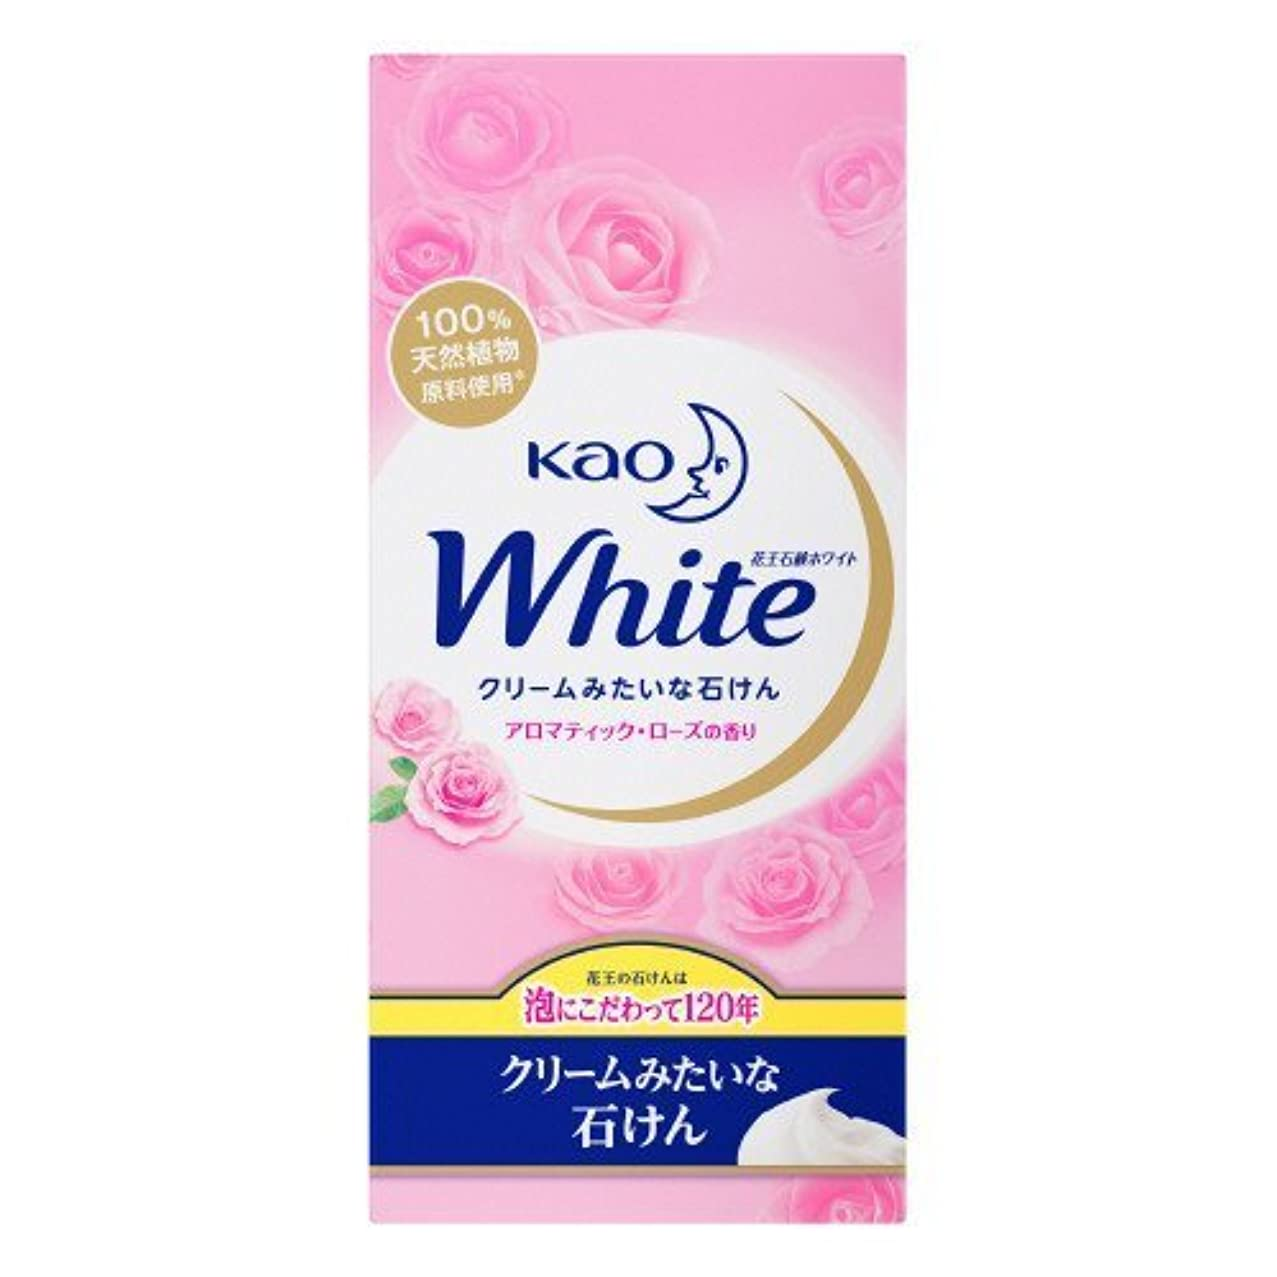 磁気若さ準拠【花王】花王ホワイト アロマティックローズの香りレギュラーサイズ (85g×6個) ×10個セット